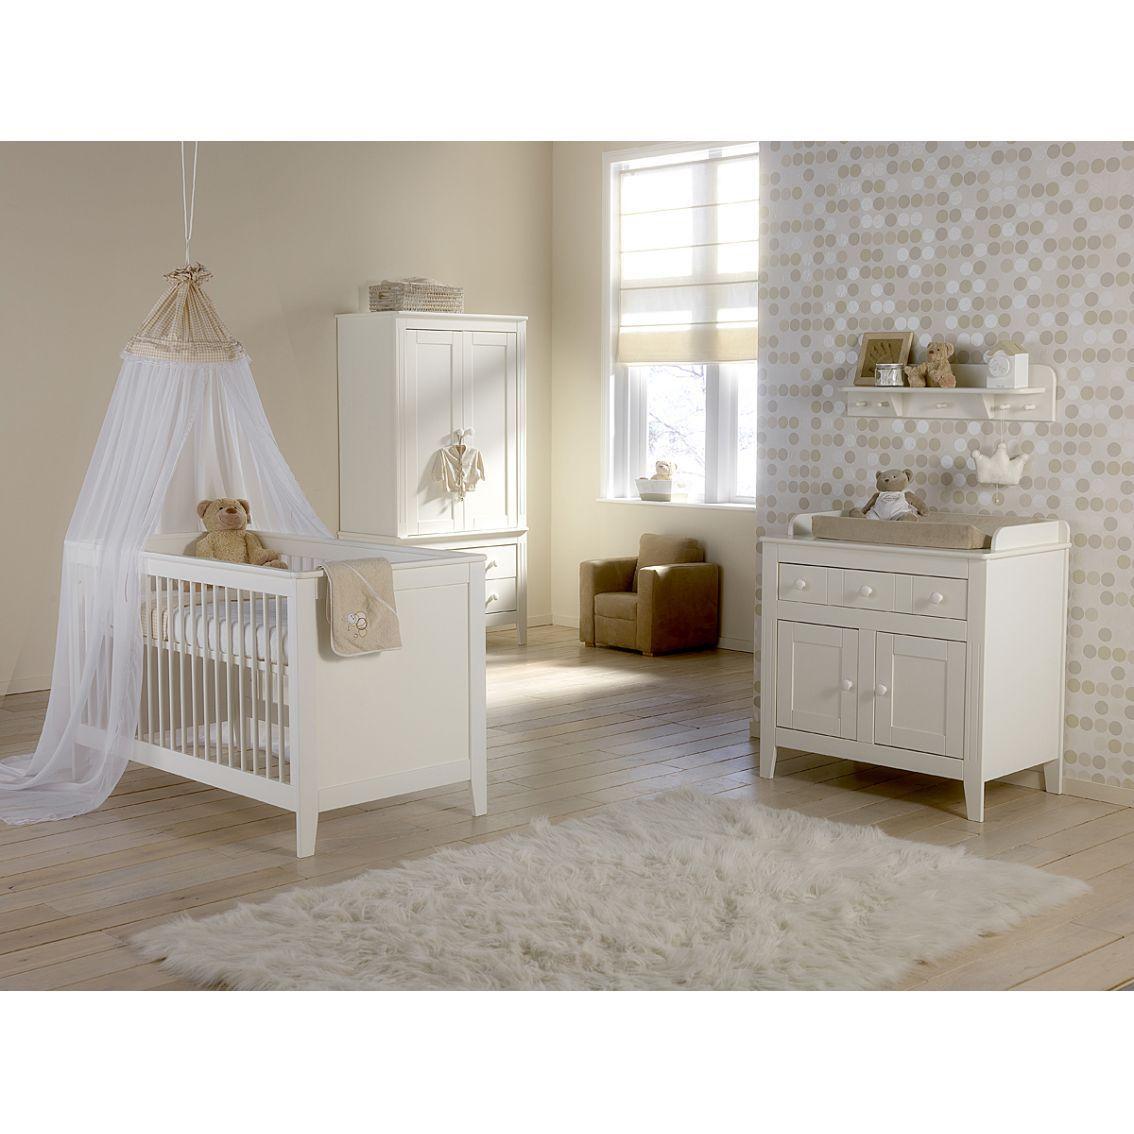 Wirklich Zauberhafte Ideen, Baby Kinderzimmer, Möbel Sets ...